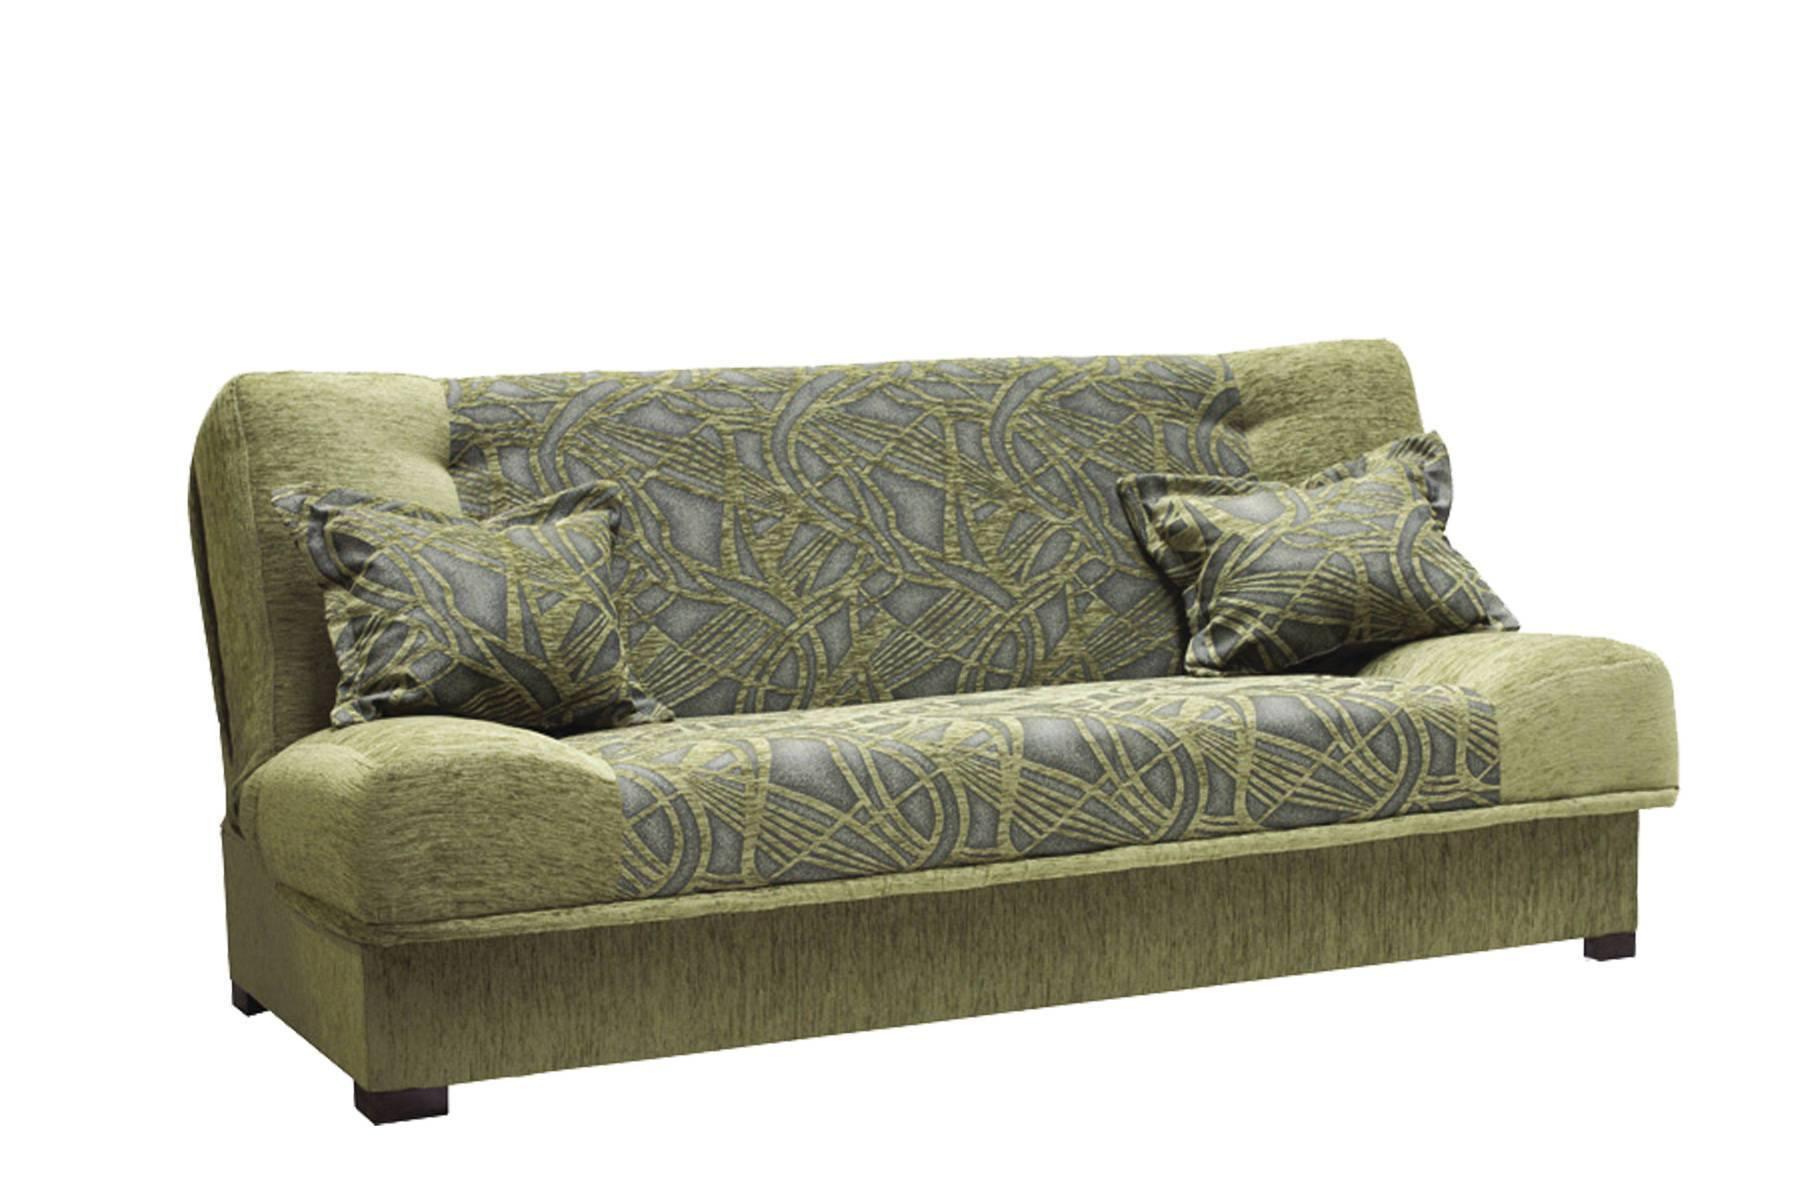 купить диван недорого на авито в митино